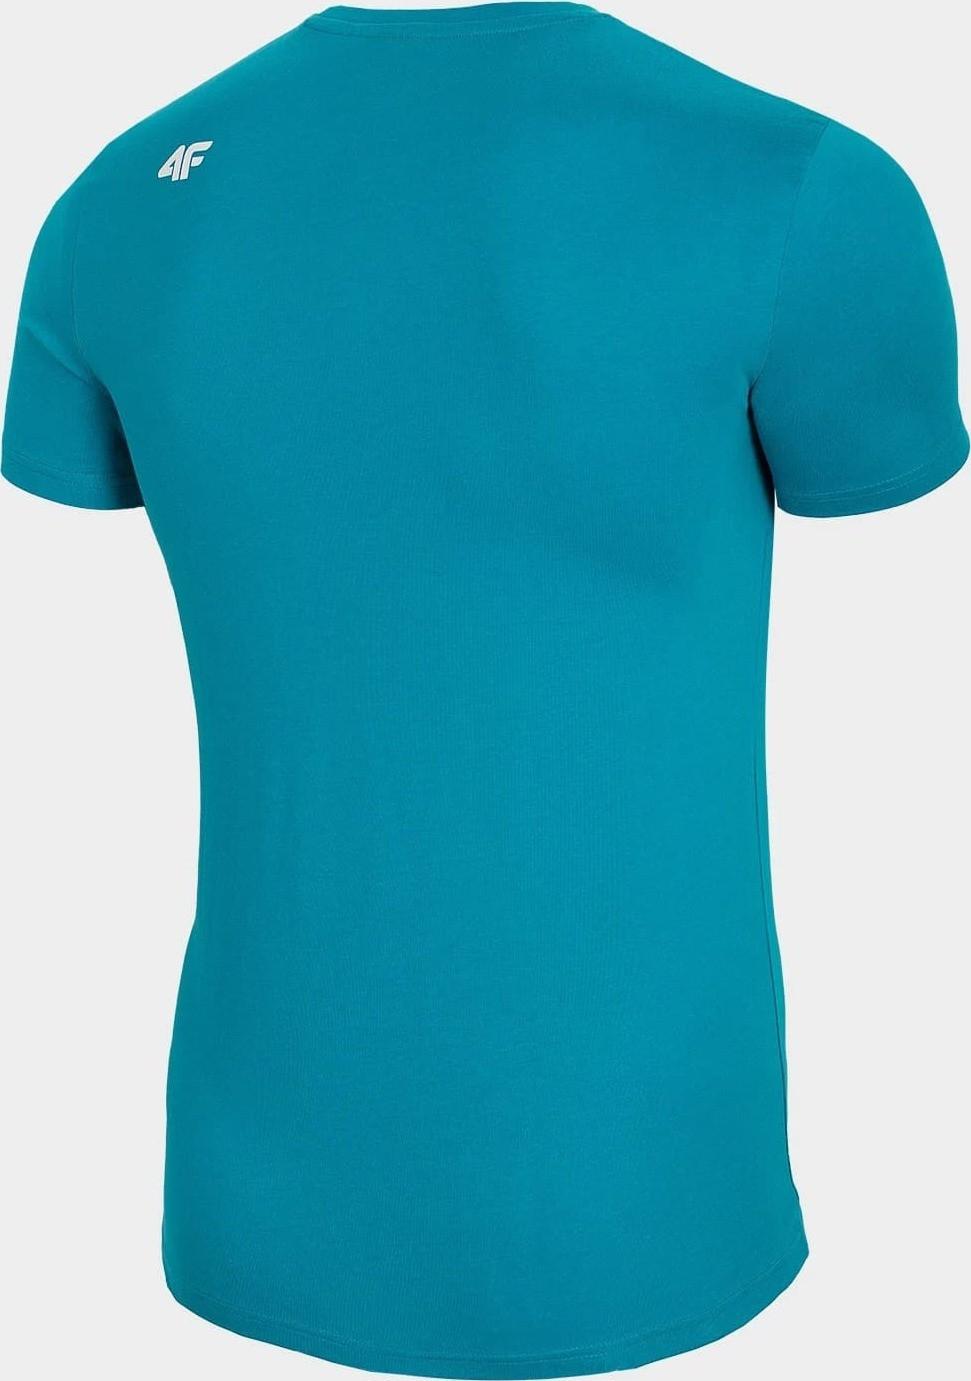 Pánske tričko 4F TSM255 tyrkysové tyrkysová L